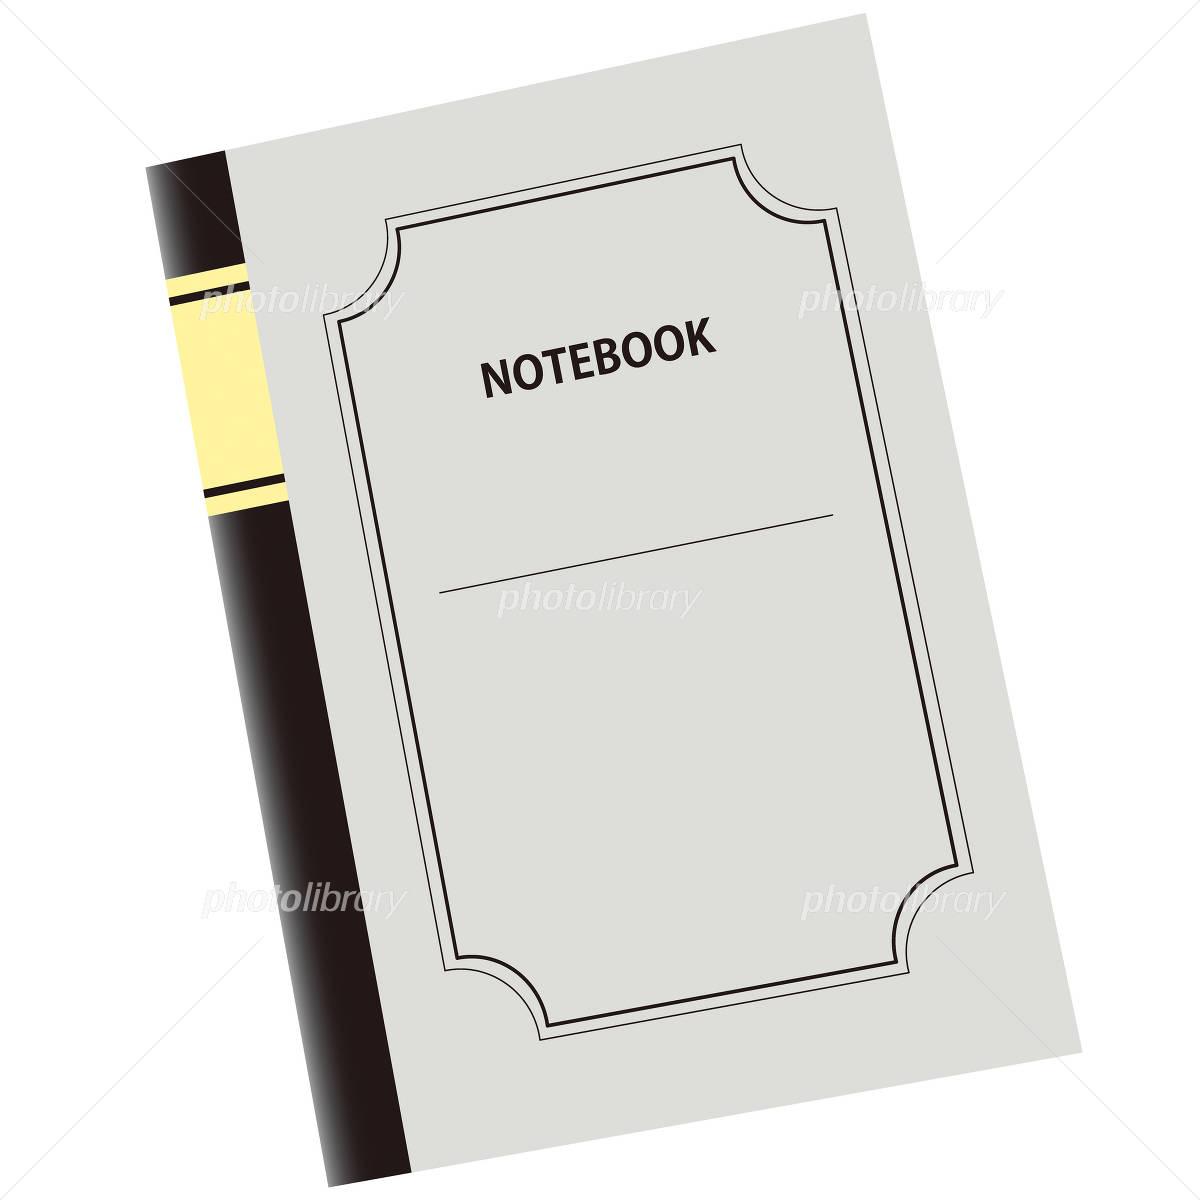 ノートの表紙のイラスト イラスト素材 909407 フォトライブラリー